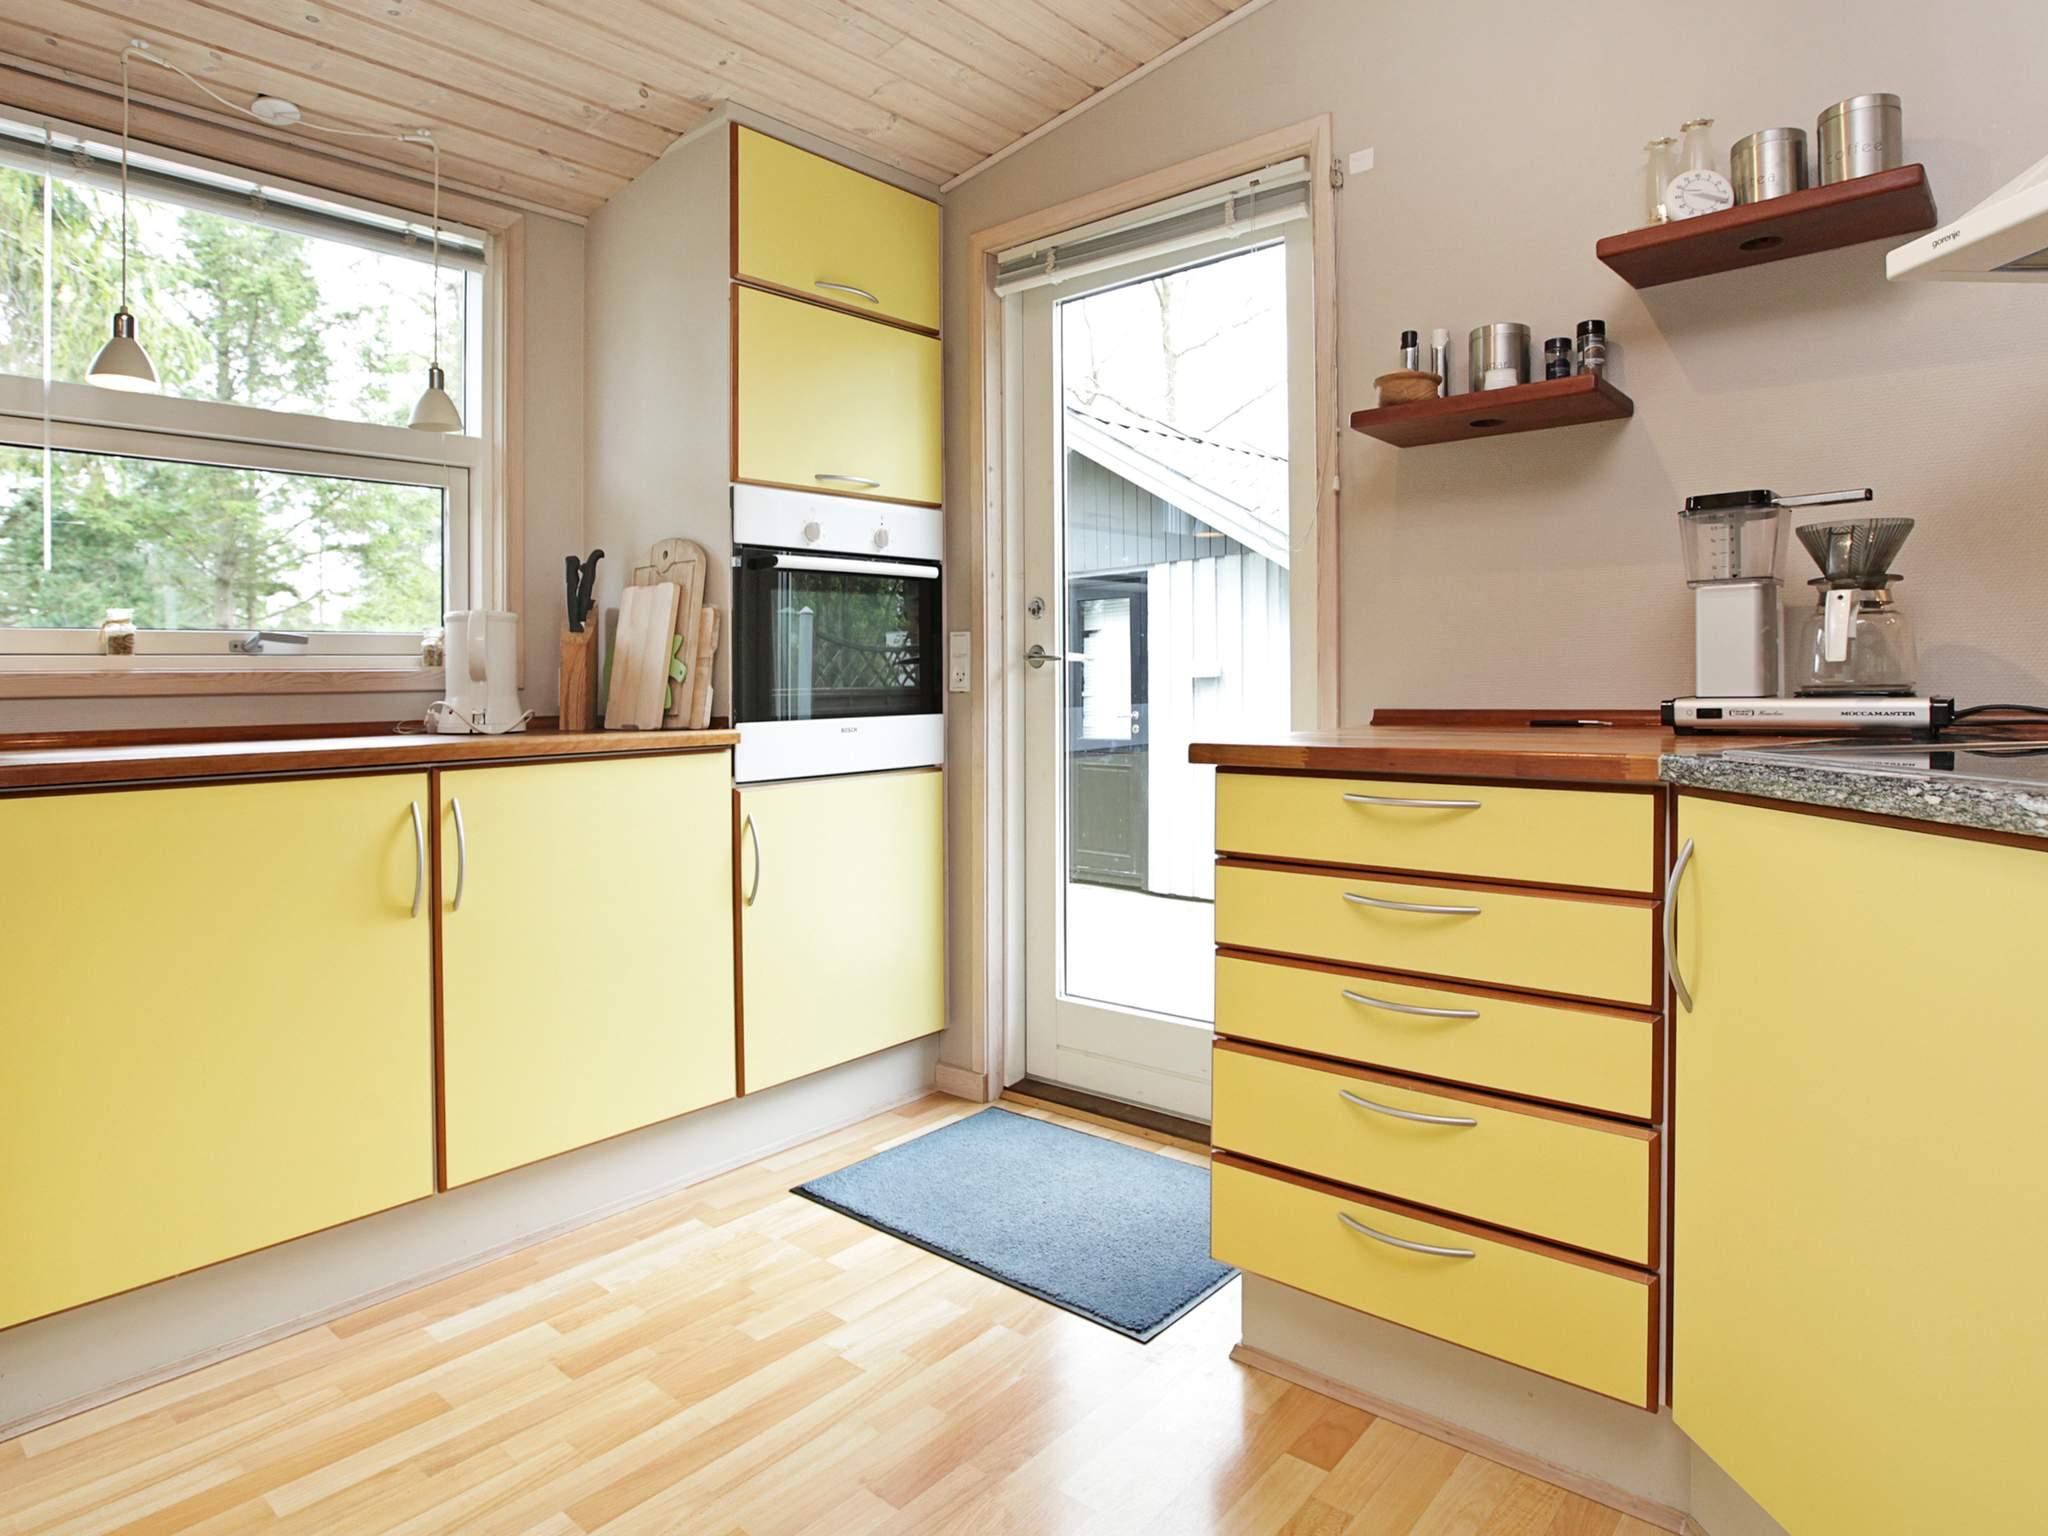 Ferienhaus Marielyst (86576), Marielyst, , Falster, Dänemark, Bild 10